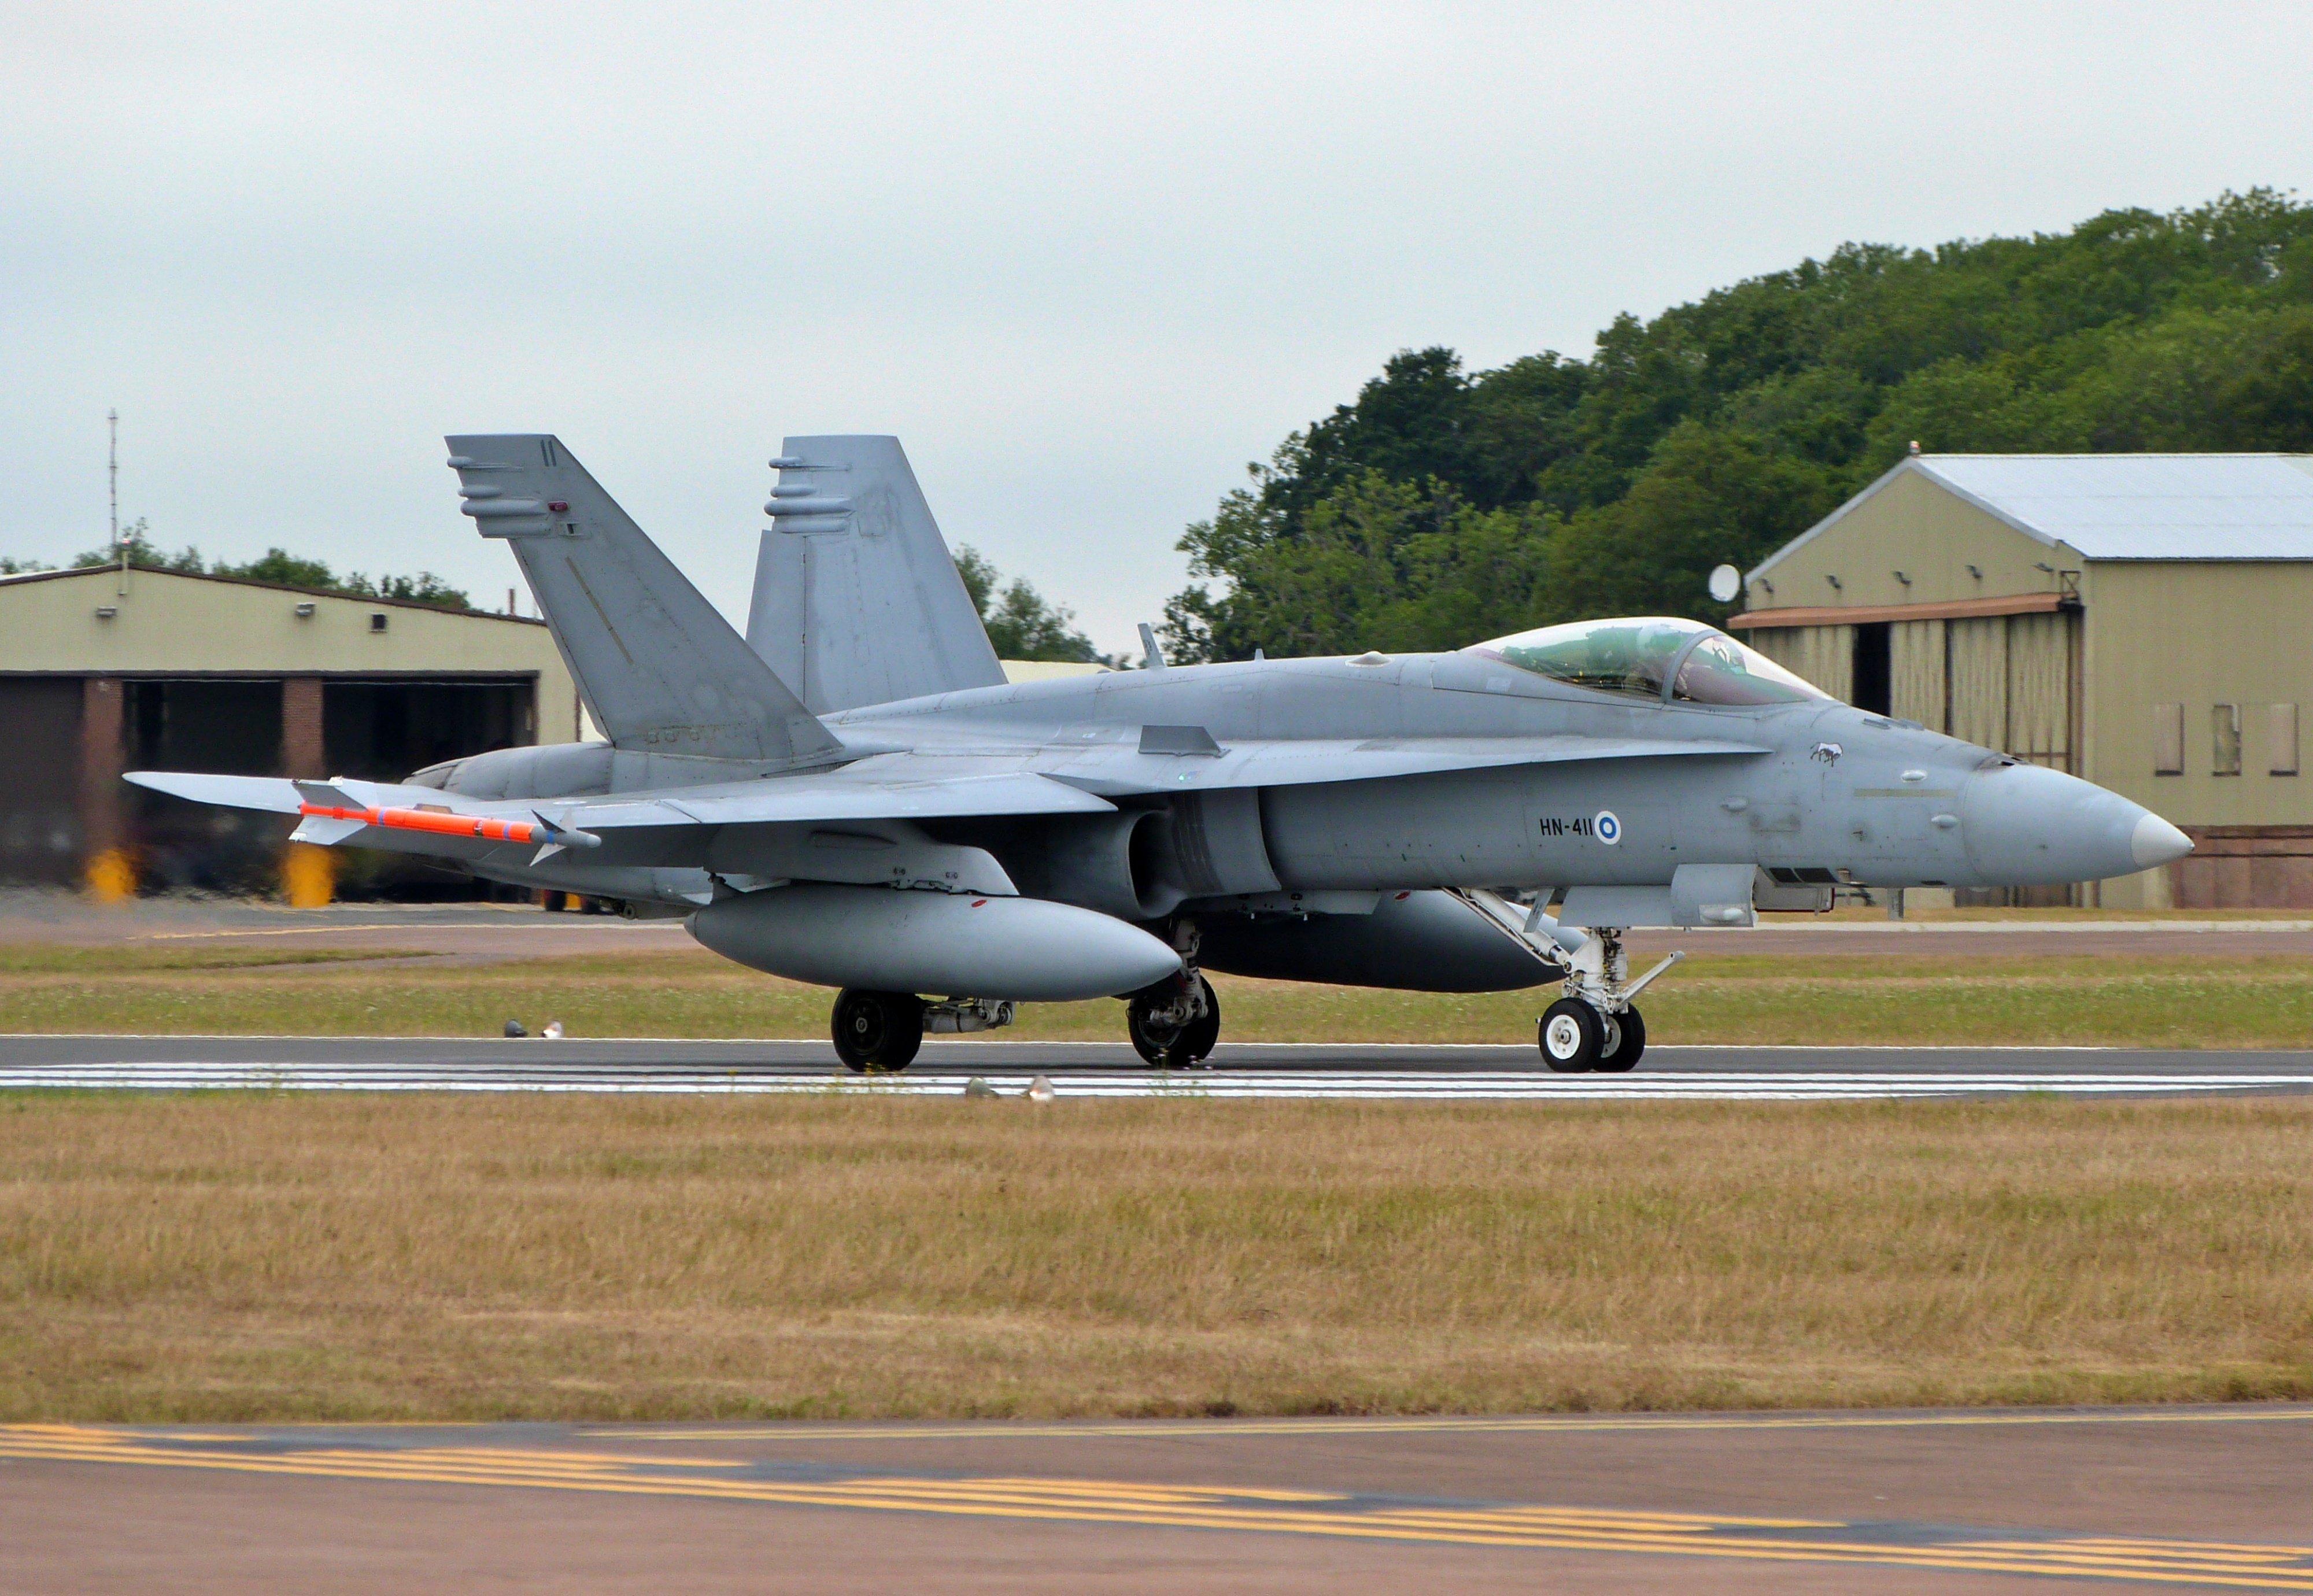 Finnish F/A-18C [Khalem Chapman]